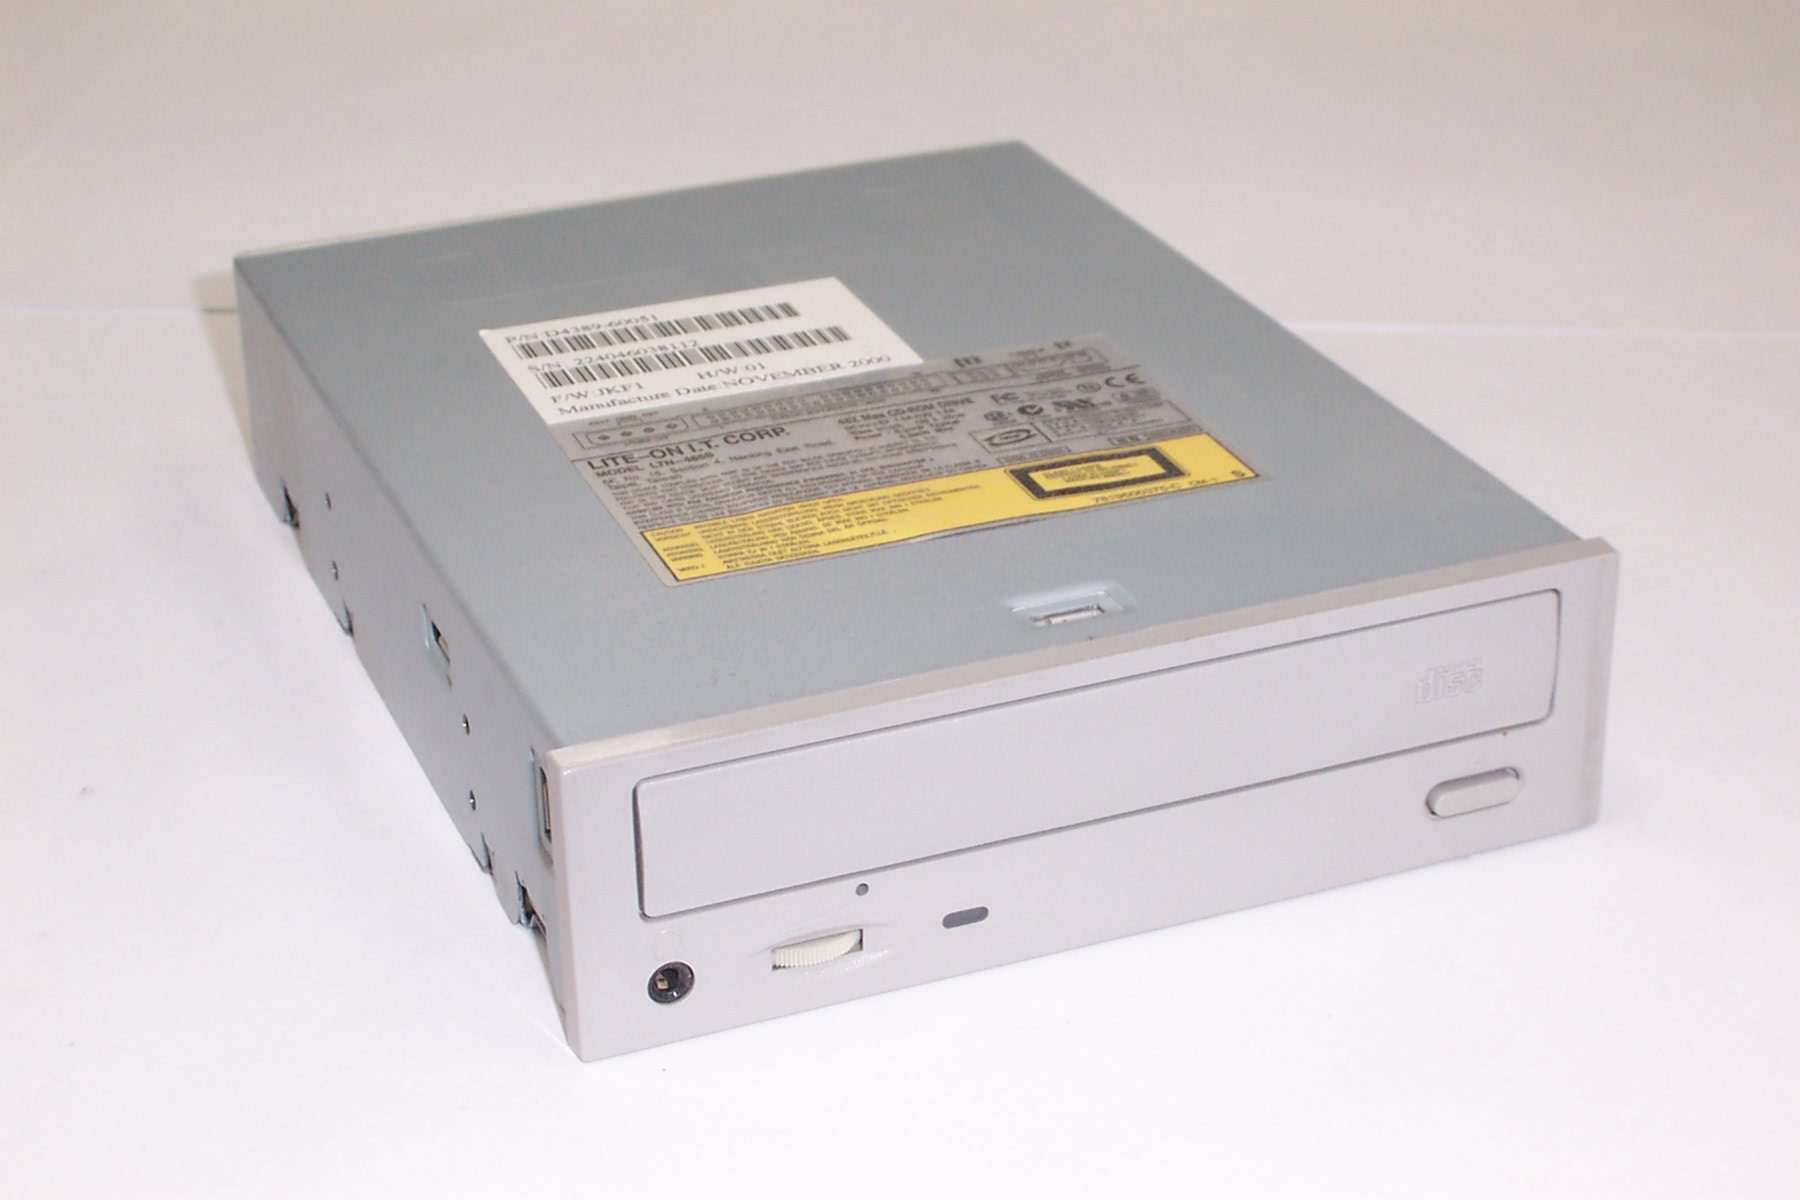 LITE-ON CD-ROM LTN-487T ATA Device Drivers List